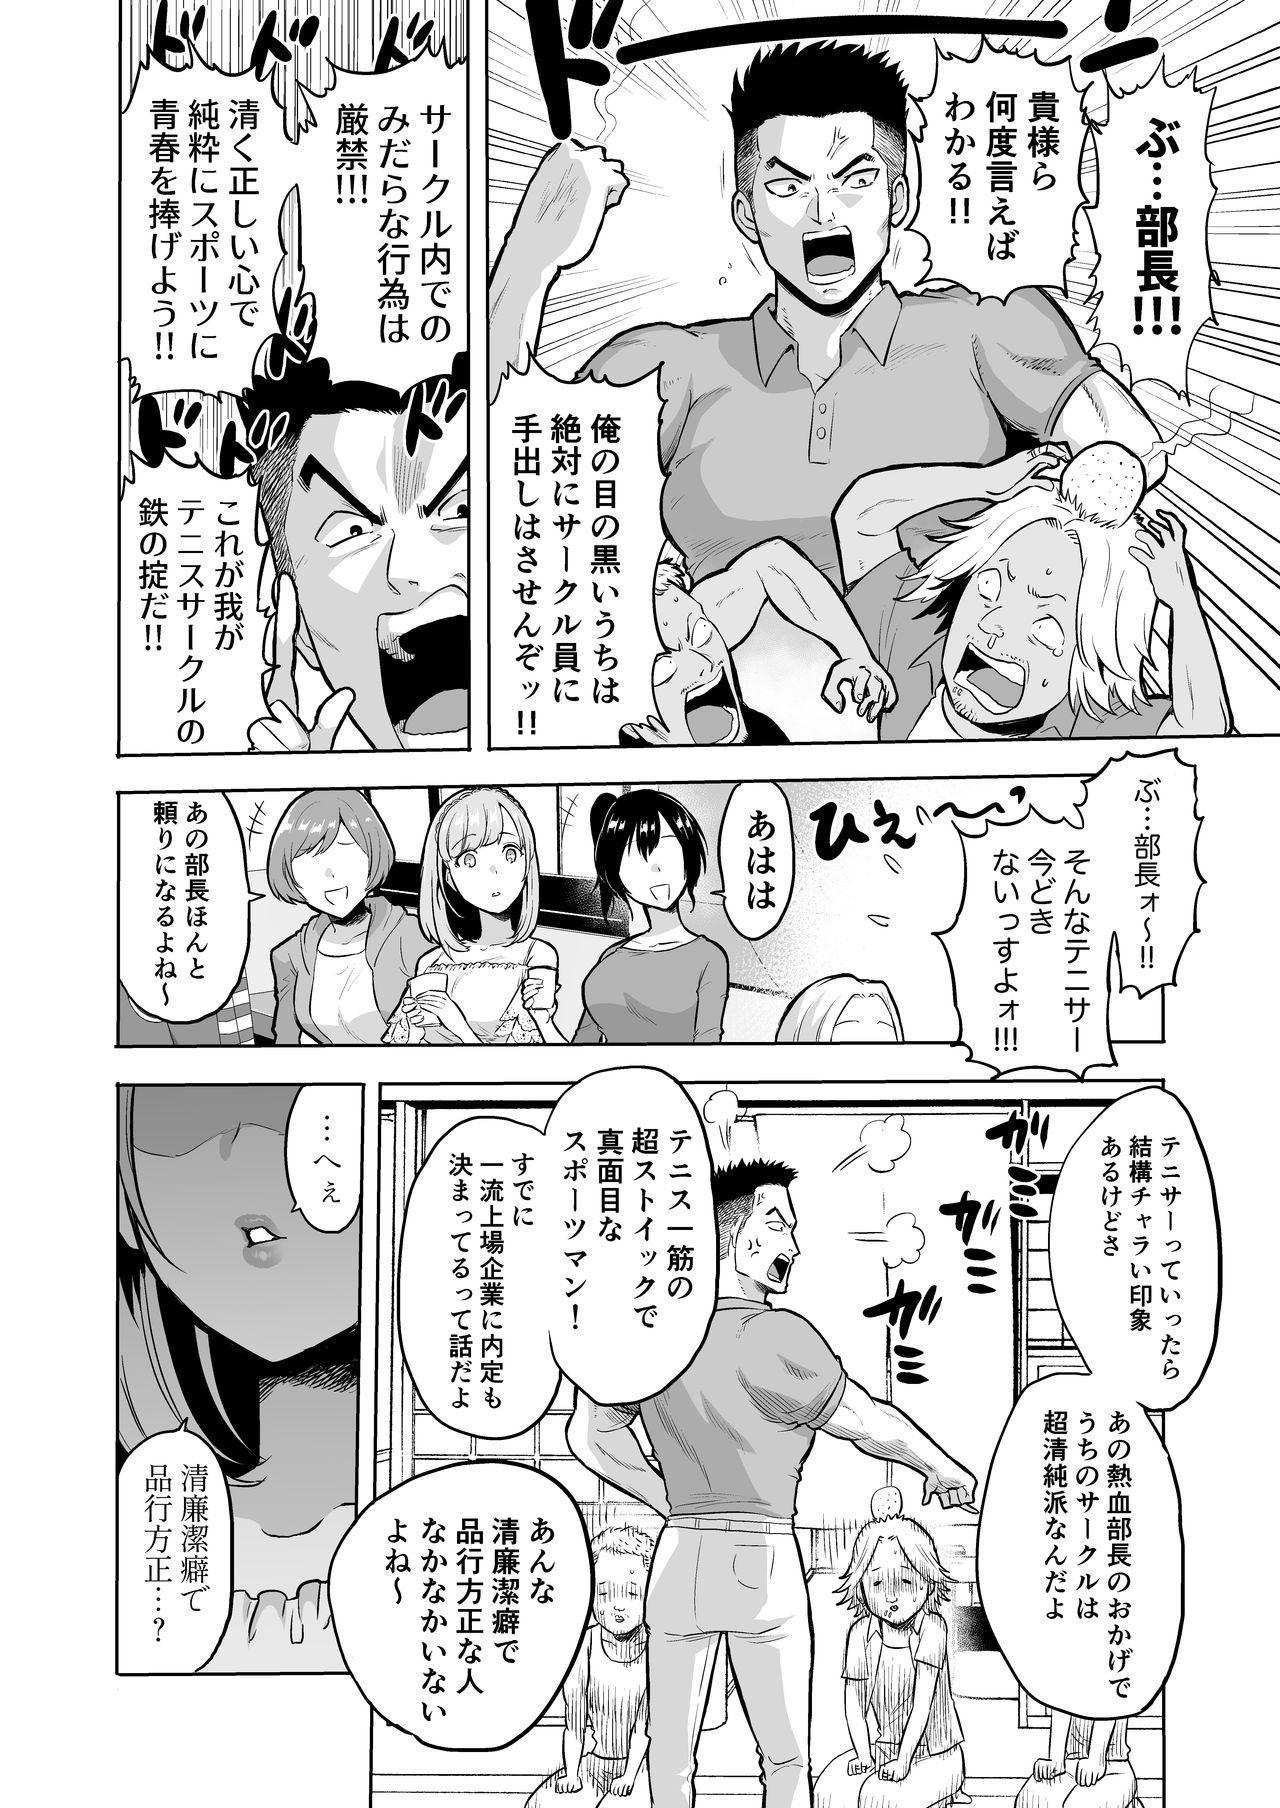 囁きの淫魔 ~清楚系ビッチな後輩女子大生による人格破壊催眠~ 3